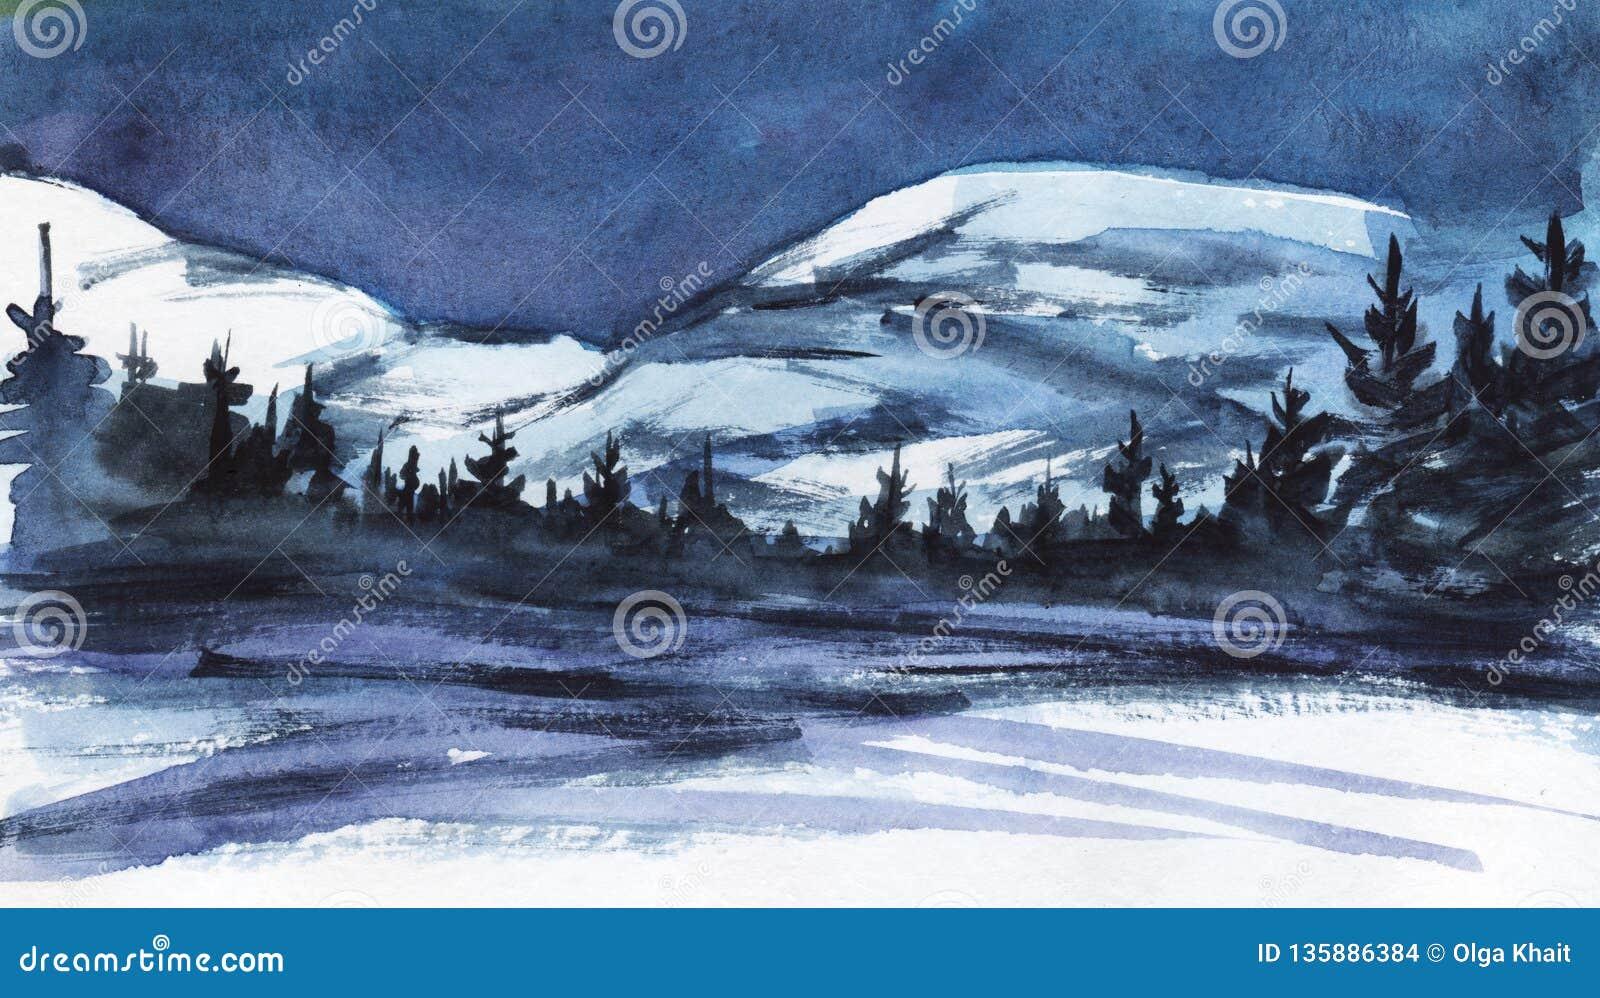 För ligganderussia för 33c januari ural vinter temperatur Avlägsna snöig berg Mörk kontur av den prydliga skogen, dentäckte dalen